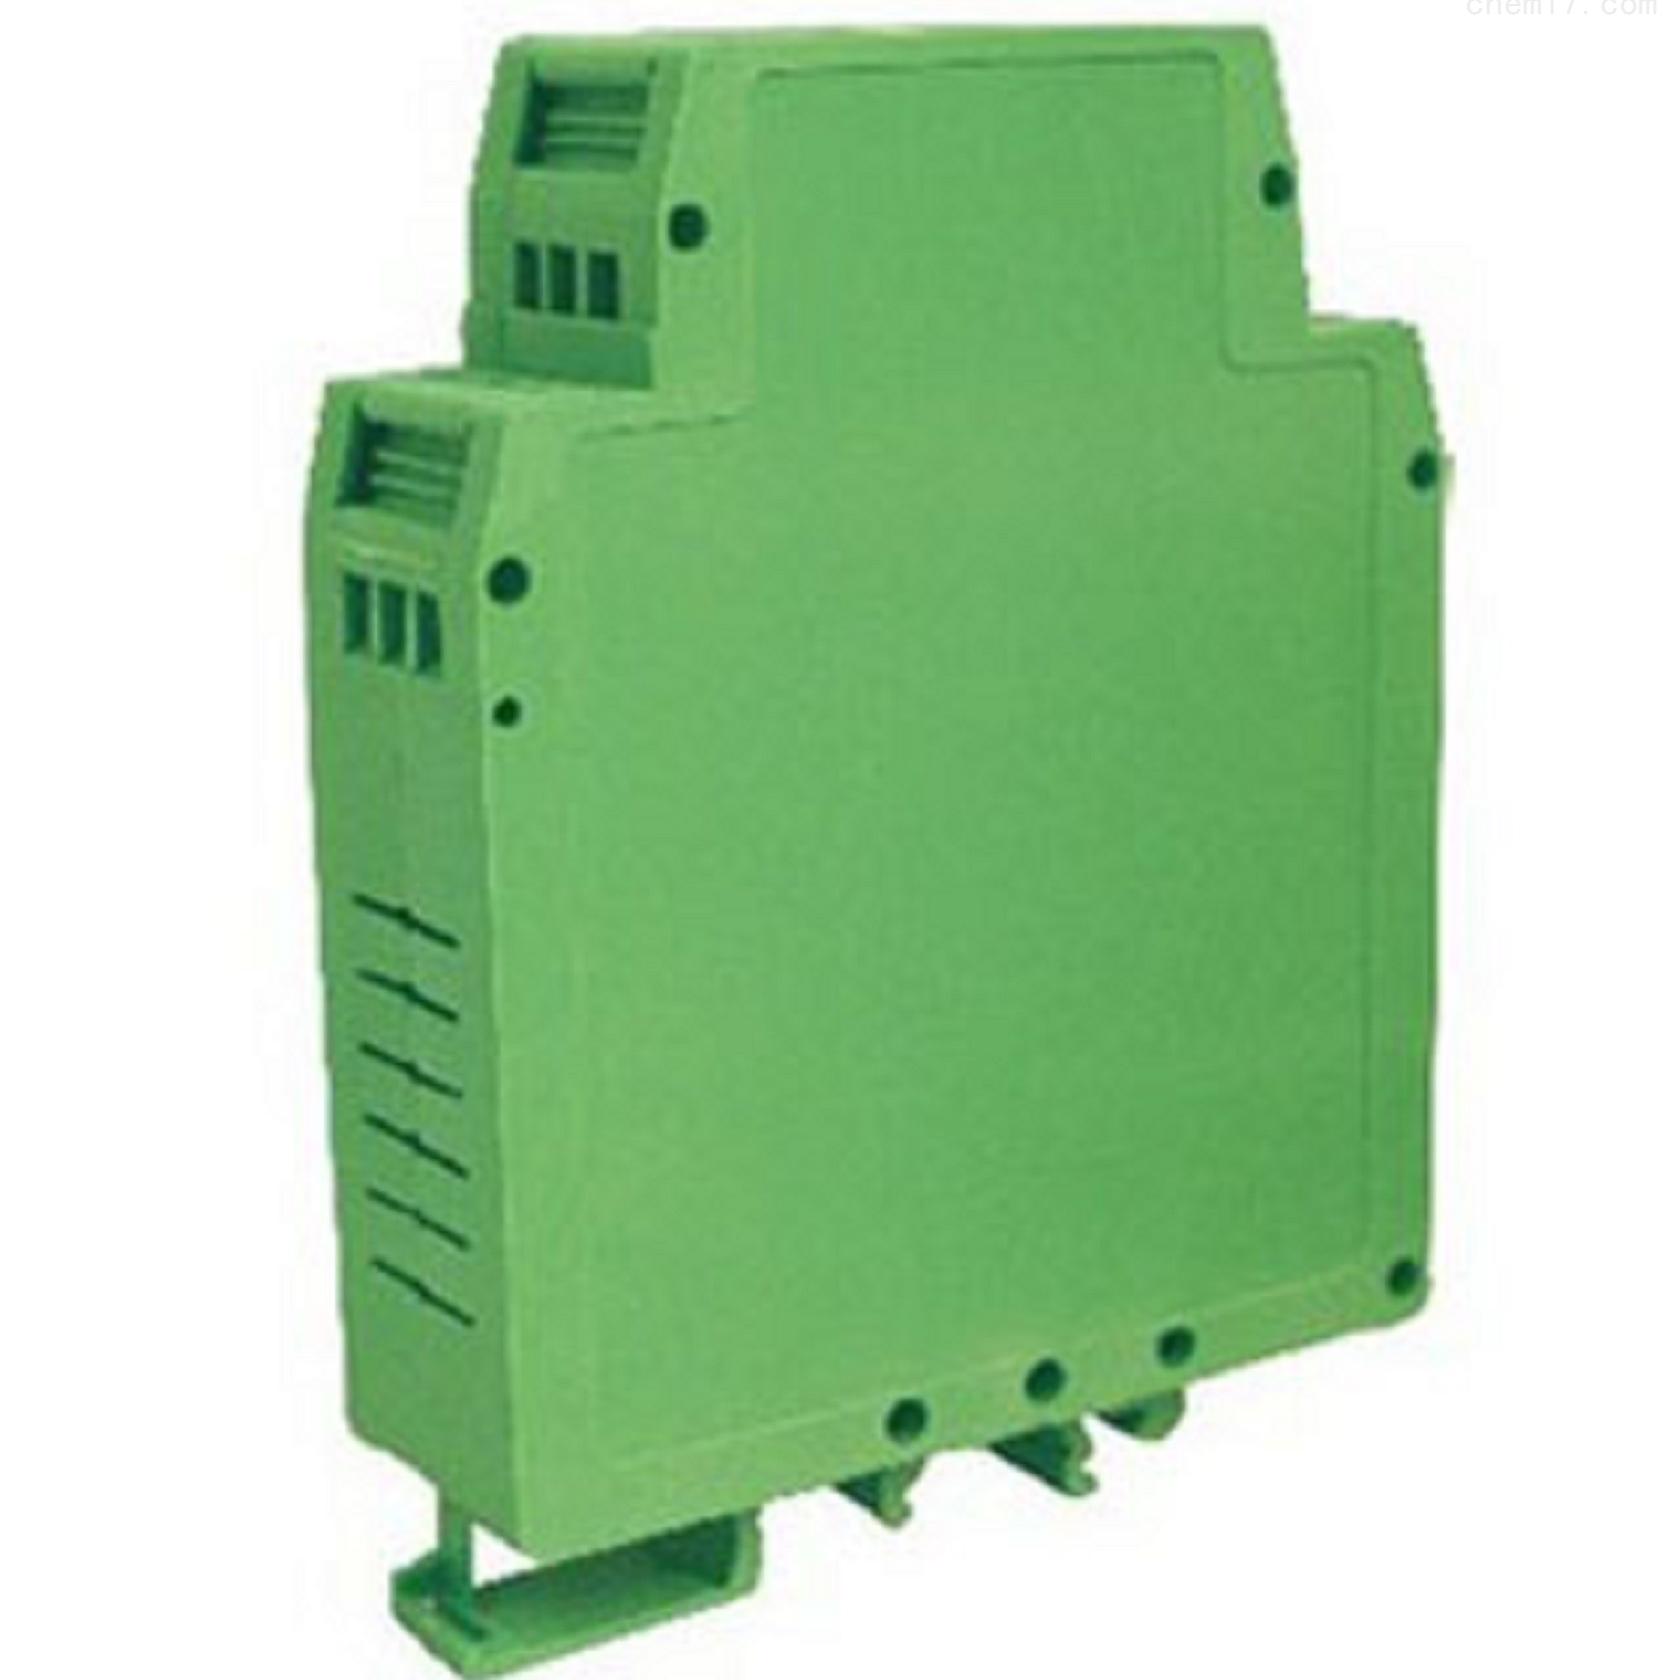 新型转模拟电流电压采集模块